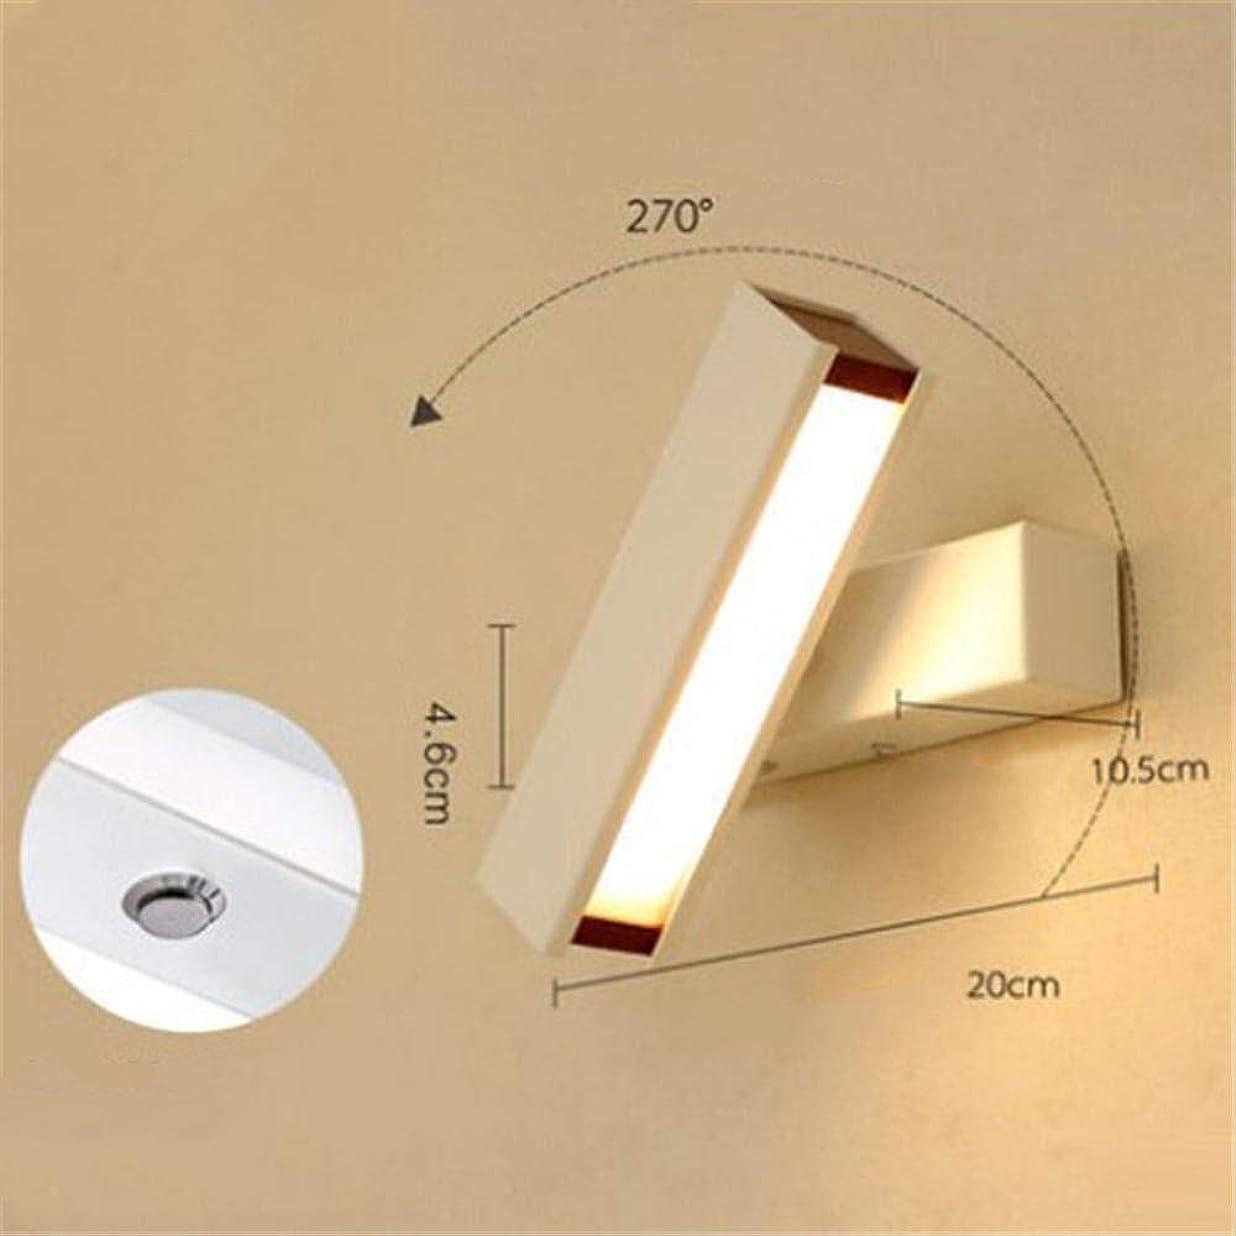 プロペラ調子塊CattleBie LEDウォールランプ現代シンプルなウォールランプベッドルームベッドサイドウォールランプ回転式読む壁ランプ北欧リビングルームウォールライトアイル壁ランプ (Color : 白, サイズ : With switch)